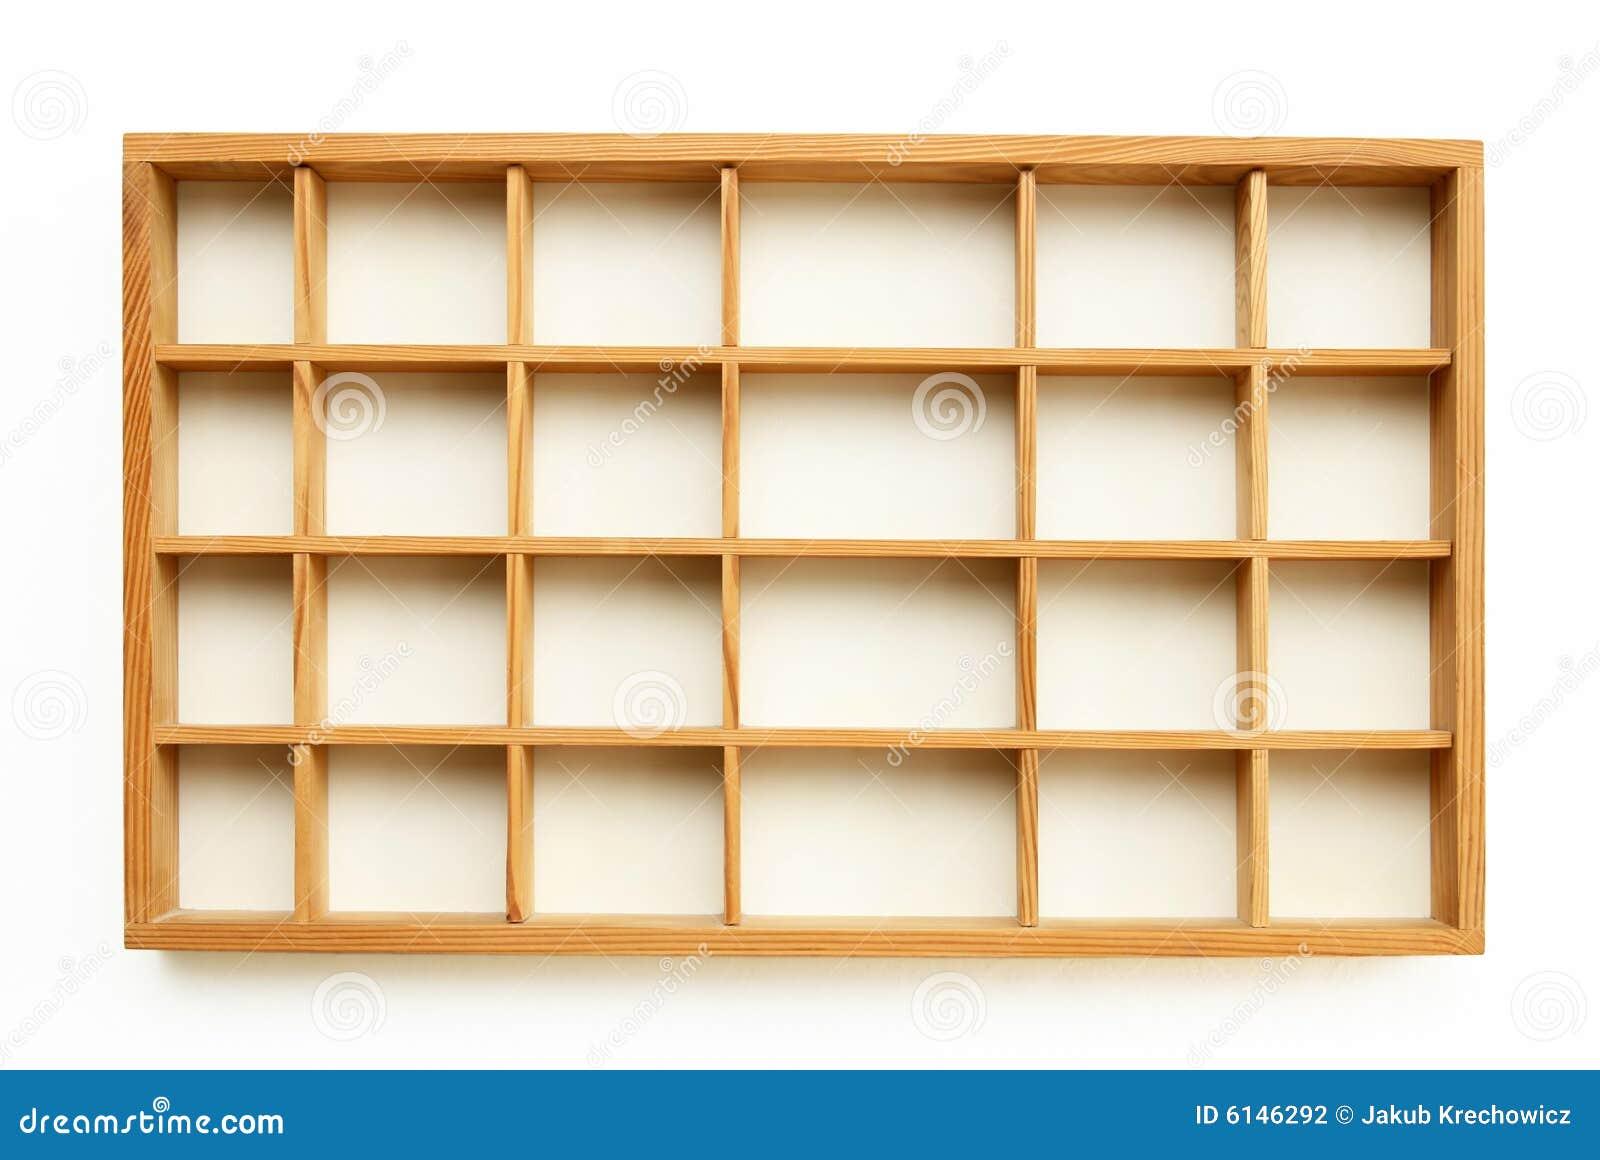 Piccole mensole di legno fotografia stock immagine 6146292 for Piccole mensole